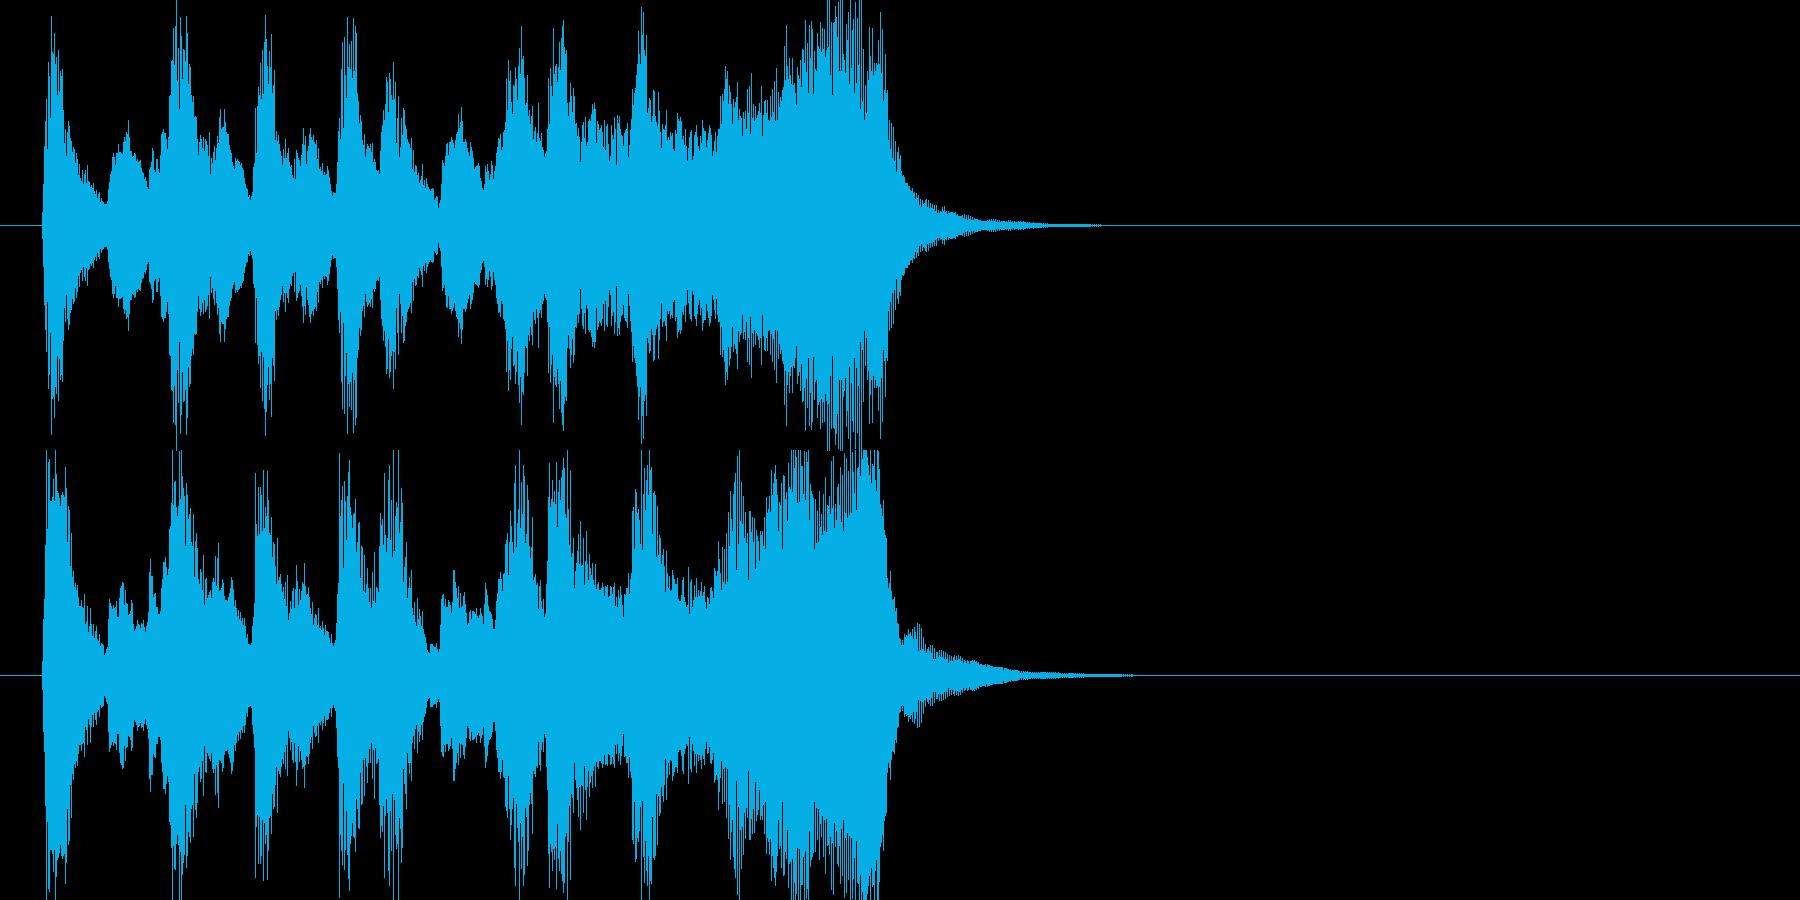 CMに合いそうな軽快なオーケストラ音源の再生済みの波形